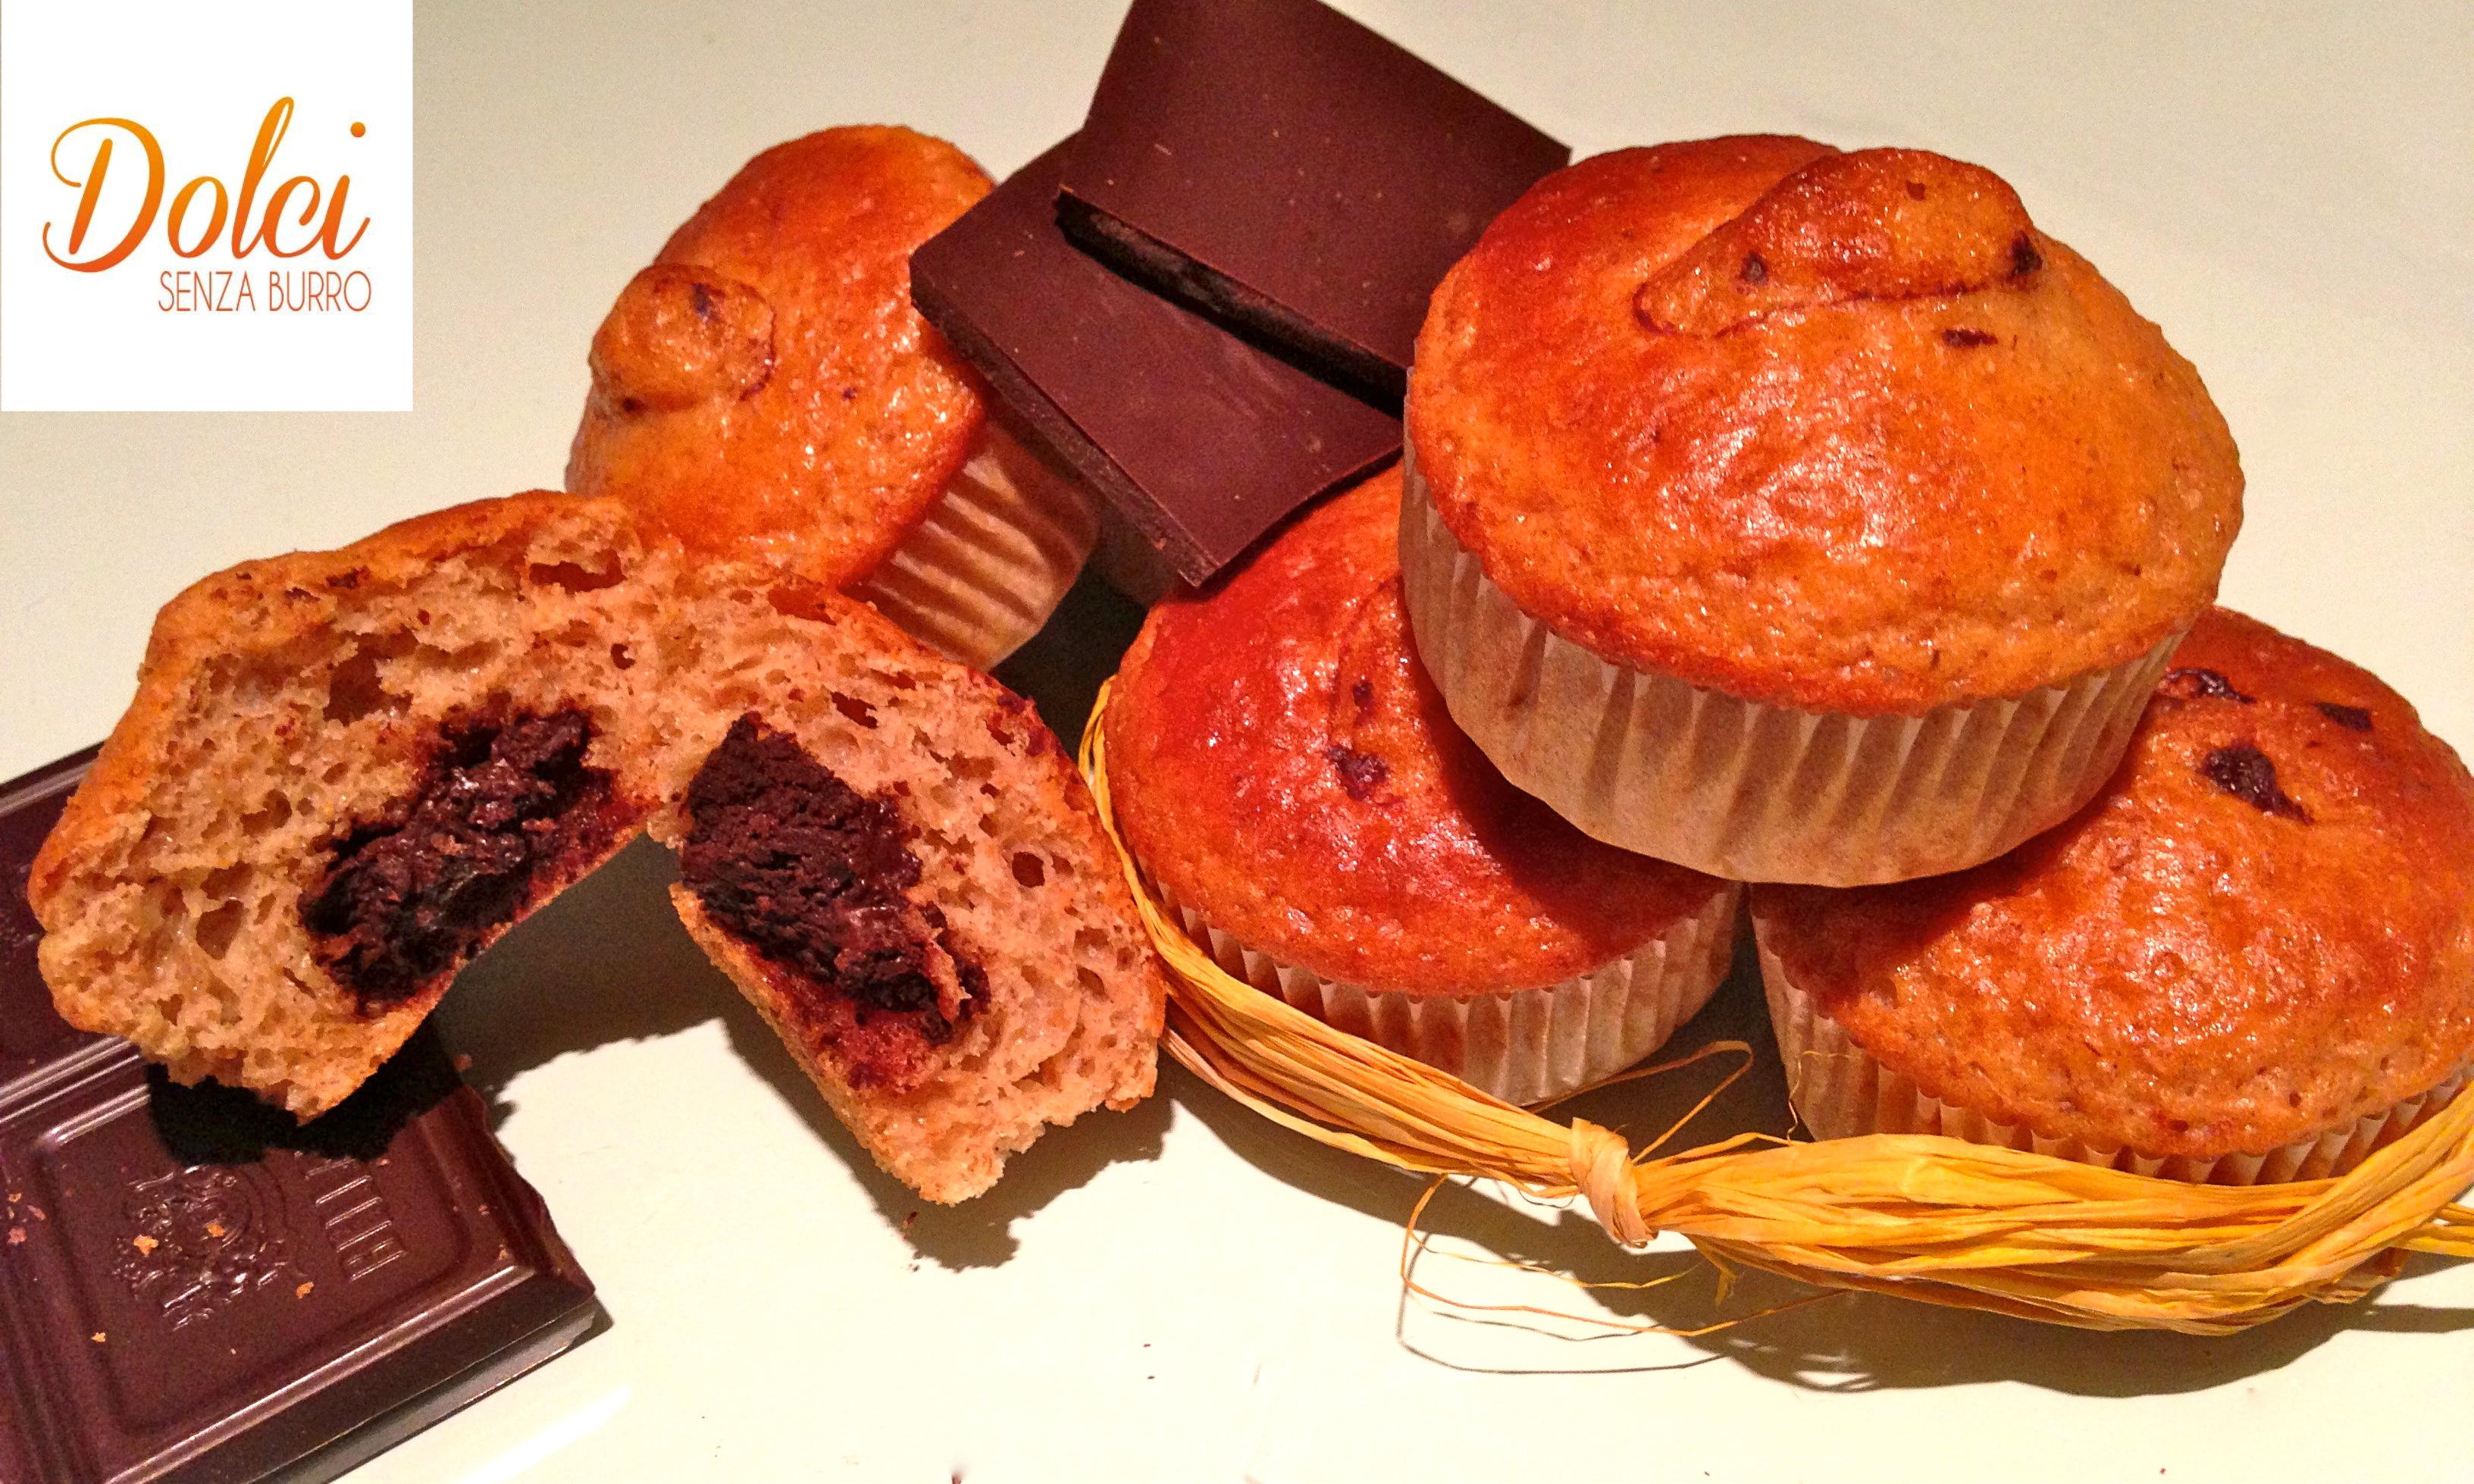 Muffin Senza Burro con cuore al cioccolato, golosi e leggeri di dolci senza burro